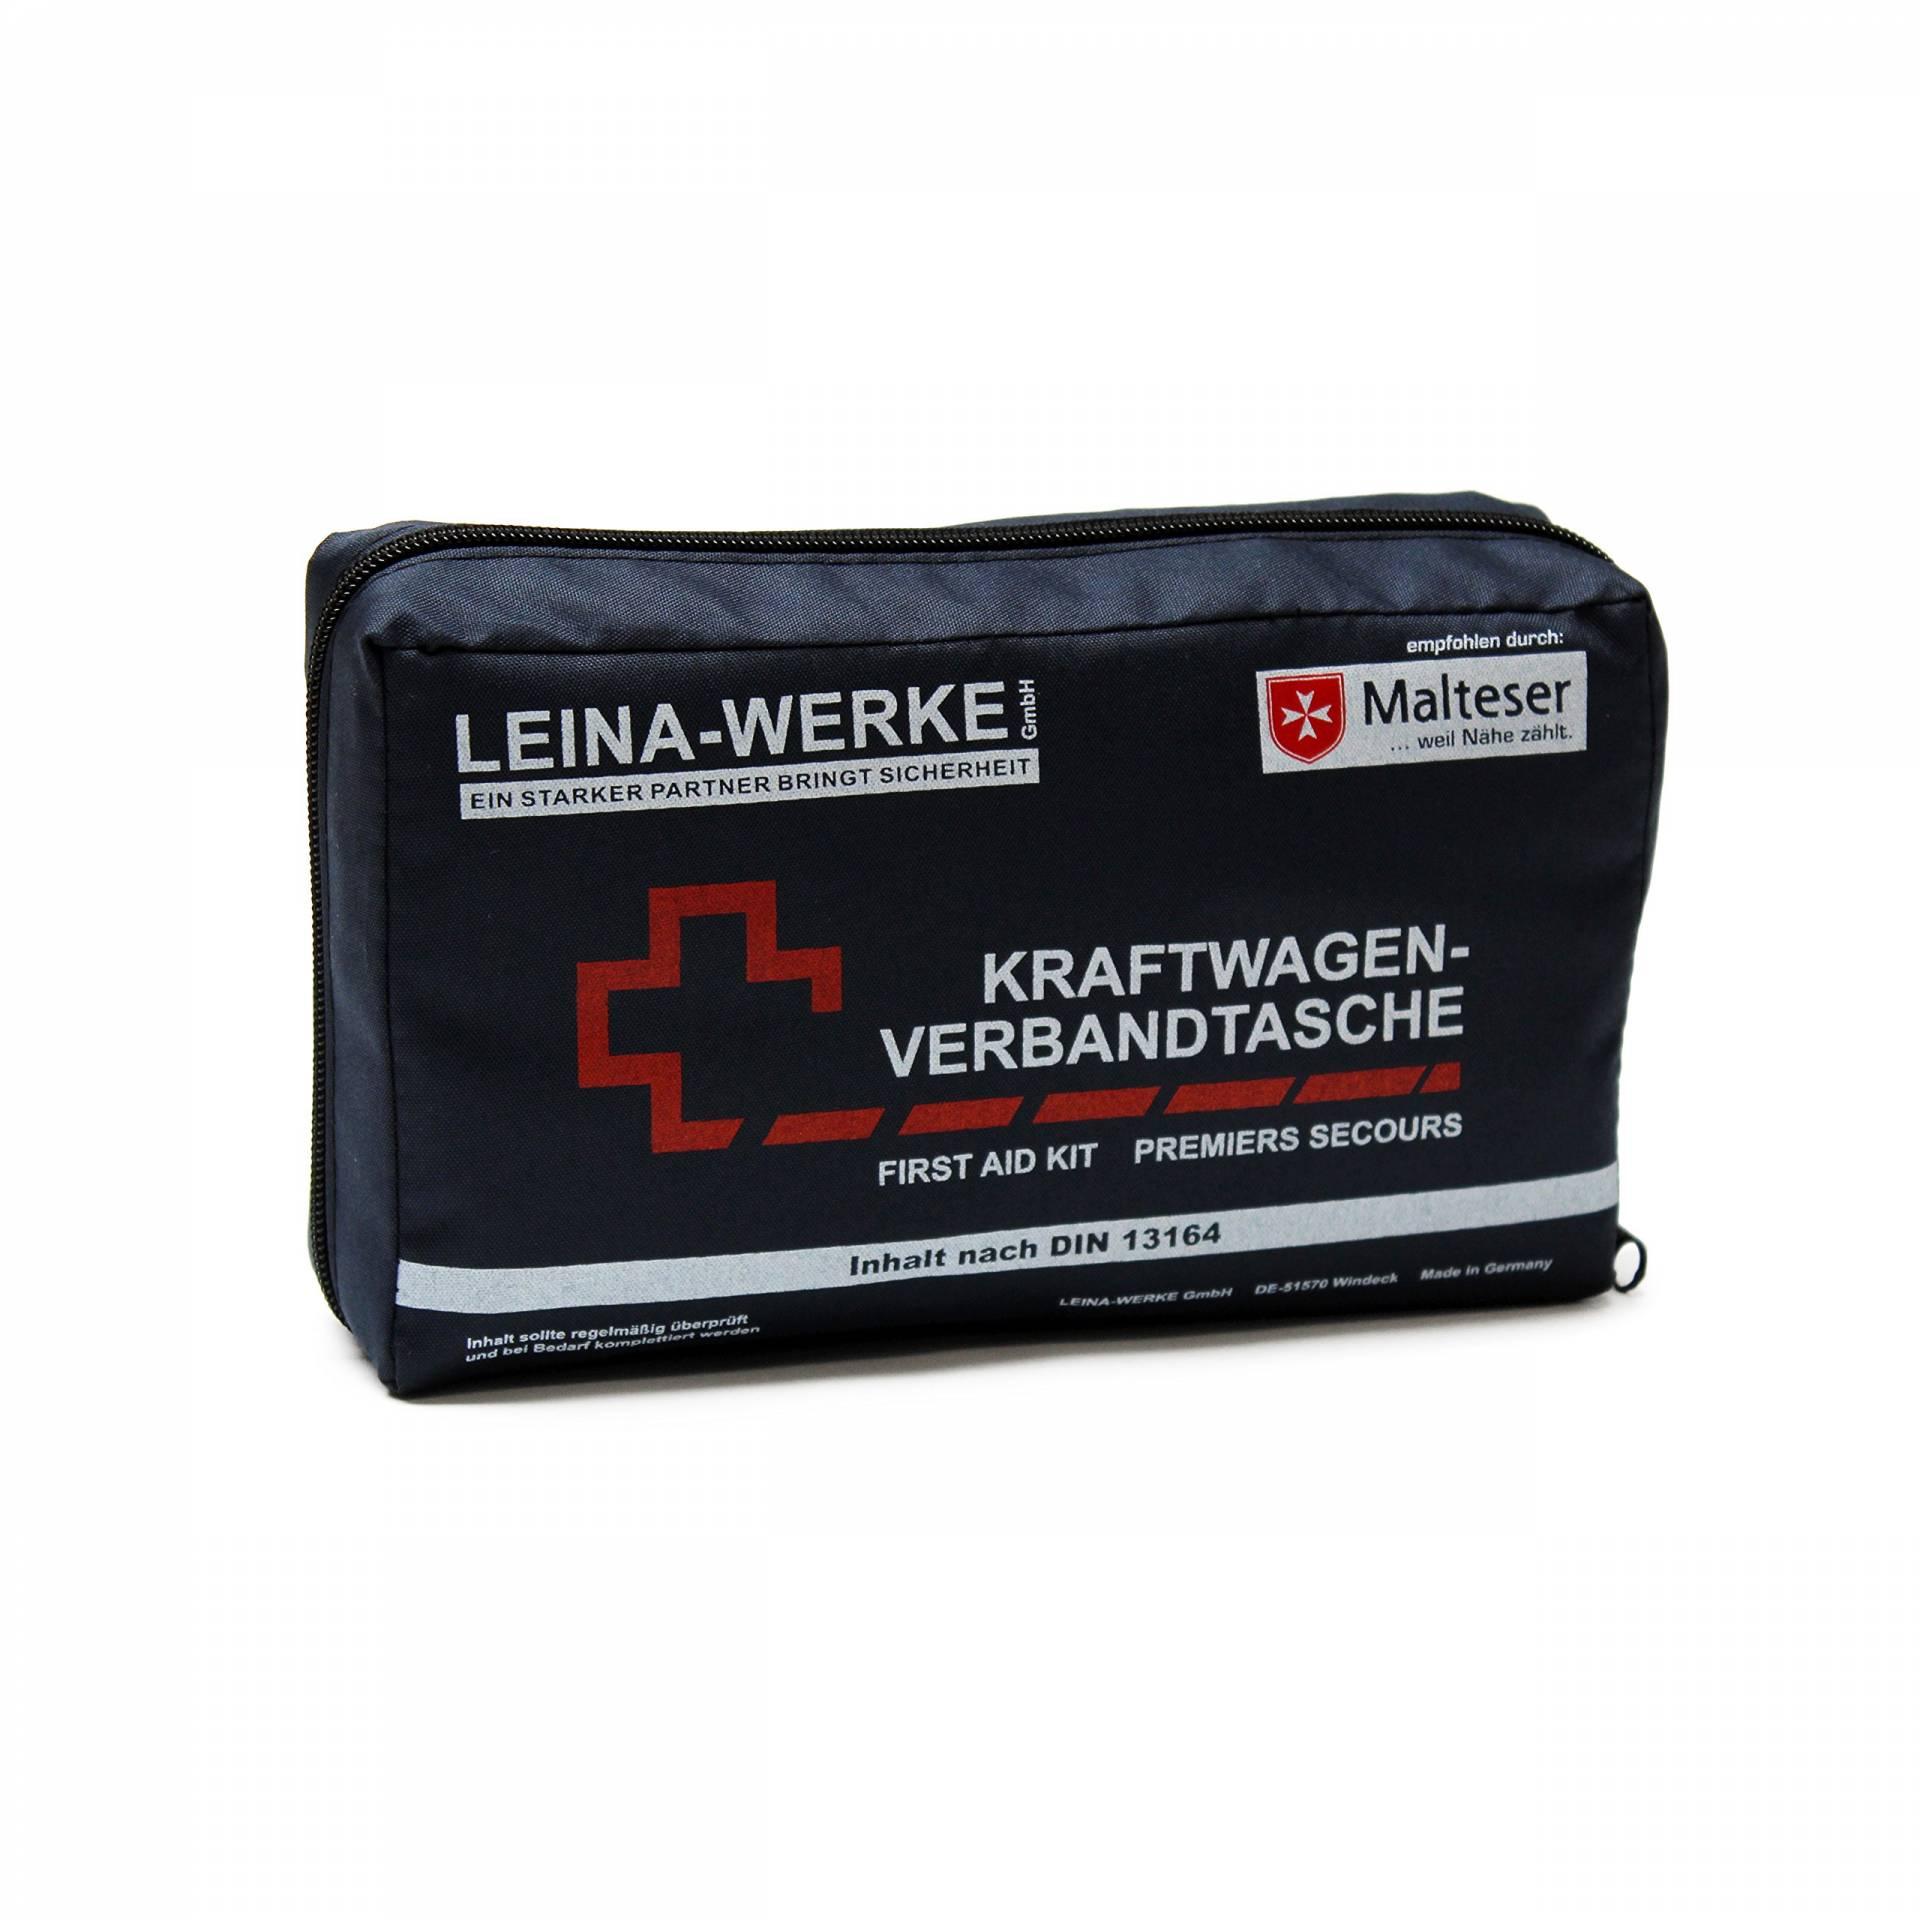 Blau//Wei/ß XS Leina-Werke 14017 Mini-Kombitasche M2 ohne Klett